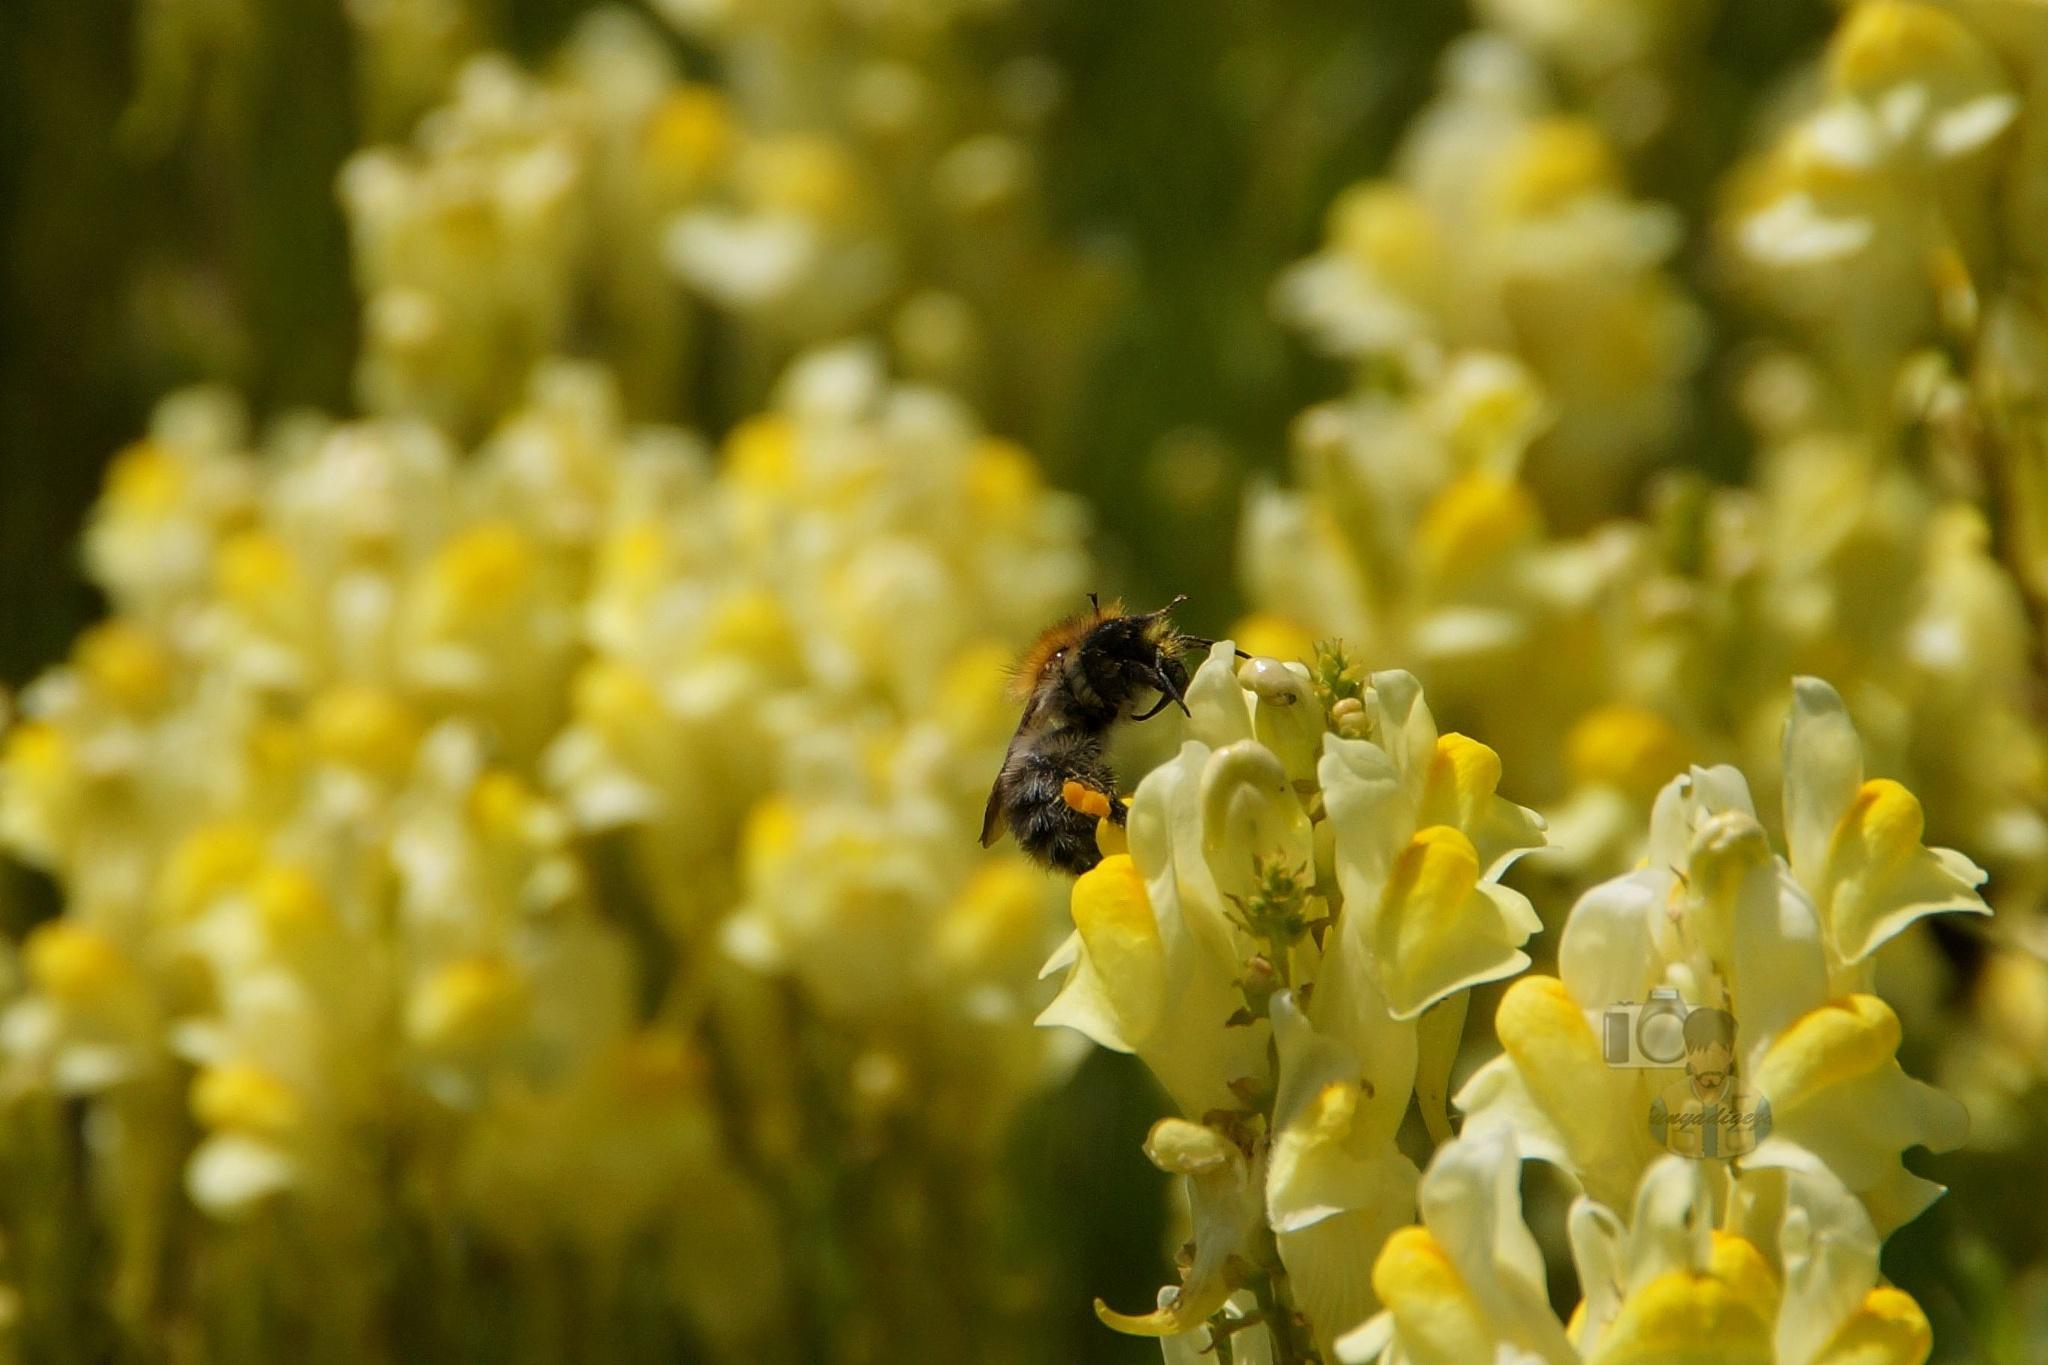 June 23,16. bumlebee & yellow toadflax #1 by hunyadigeza